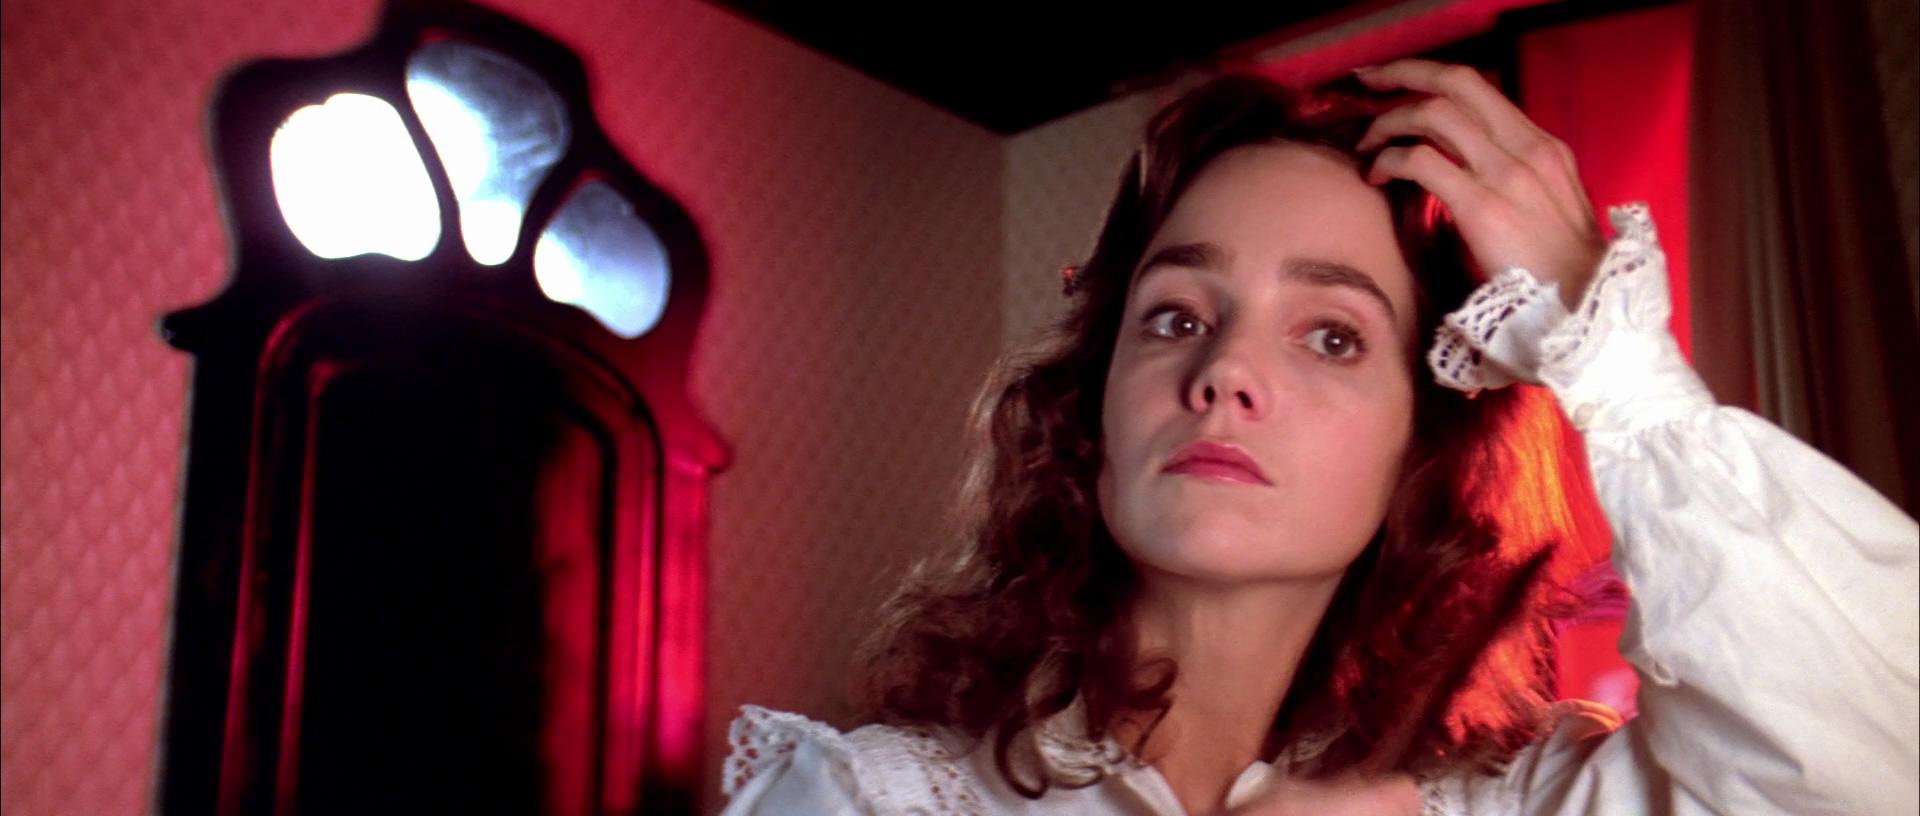 Jessica Harper nella scena dei vermi in Suspiria